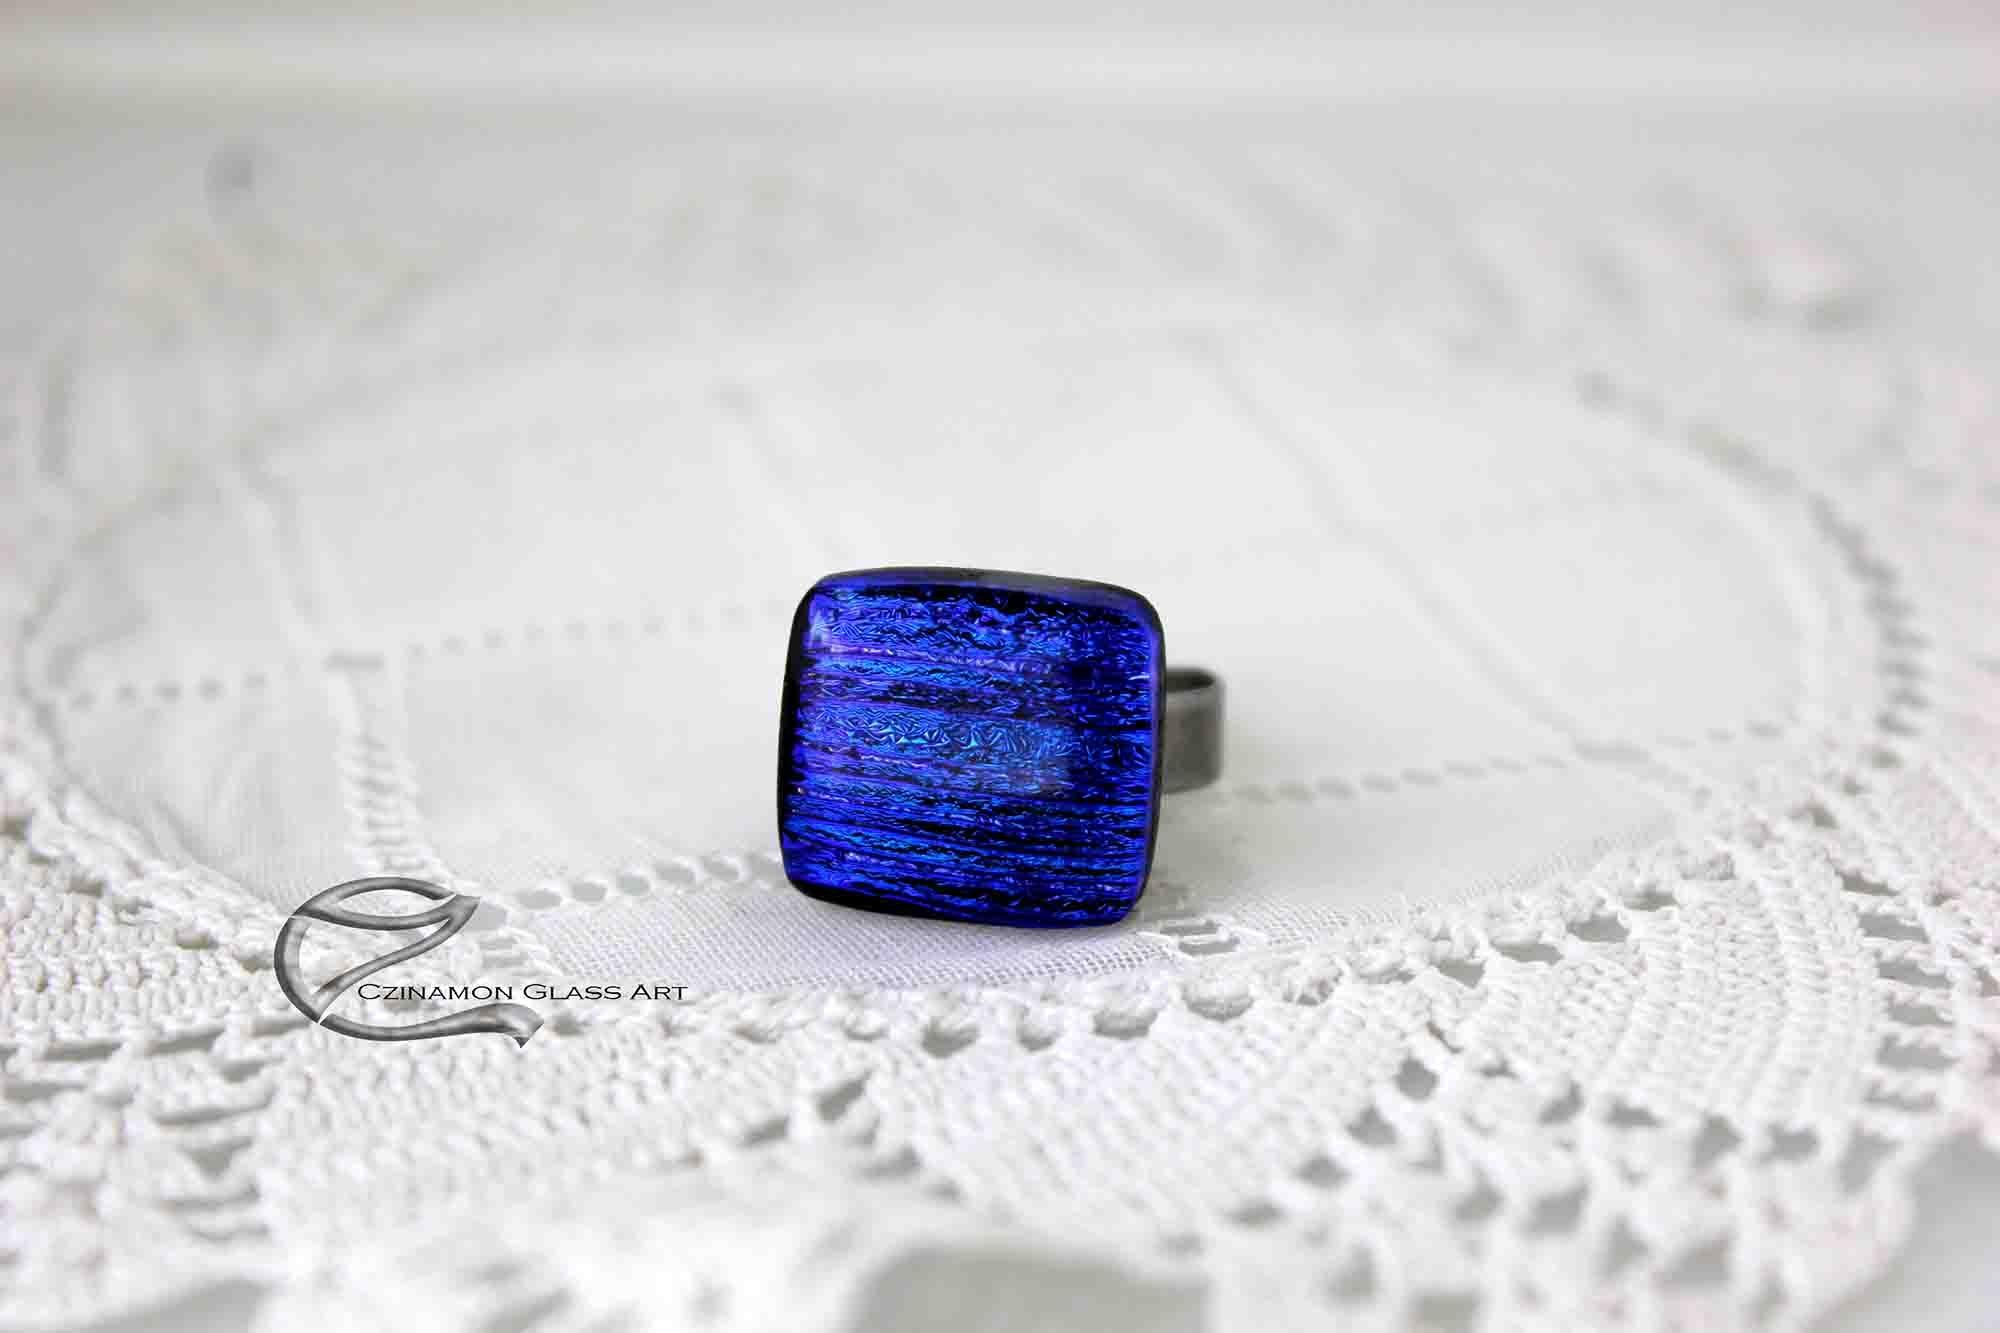 szögletes áttetsző, irizáló, türkiz csillogású üveg gyűrű, orvosi acél gyűrűalapon.